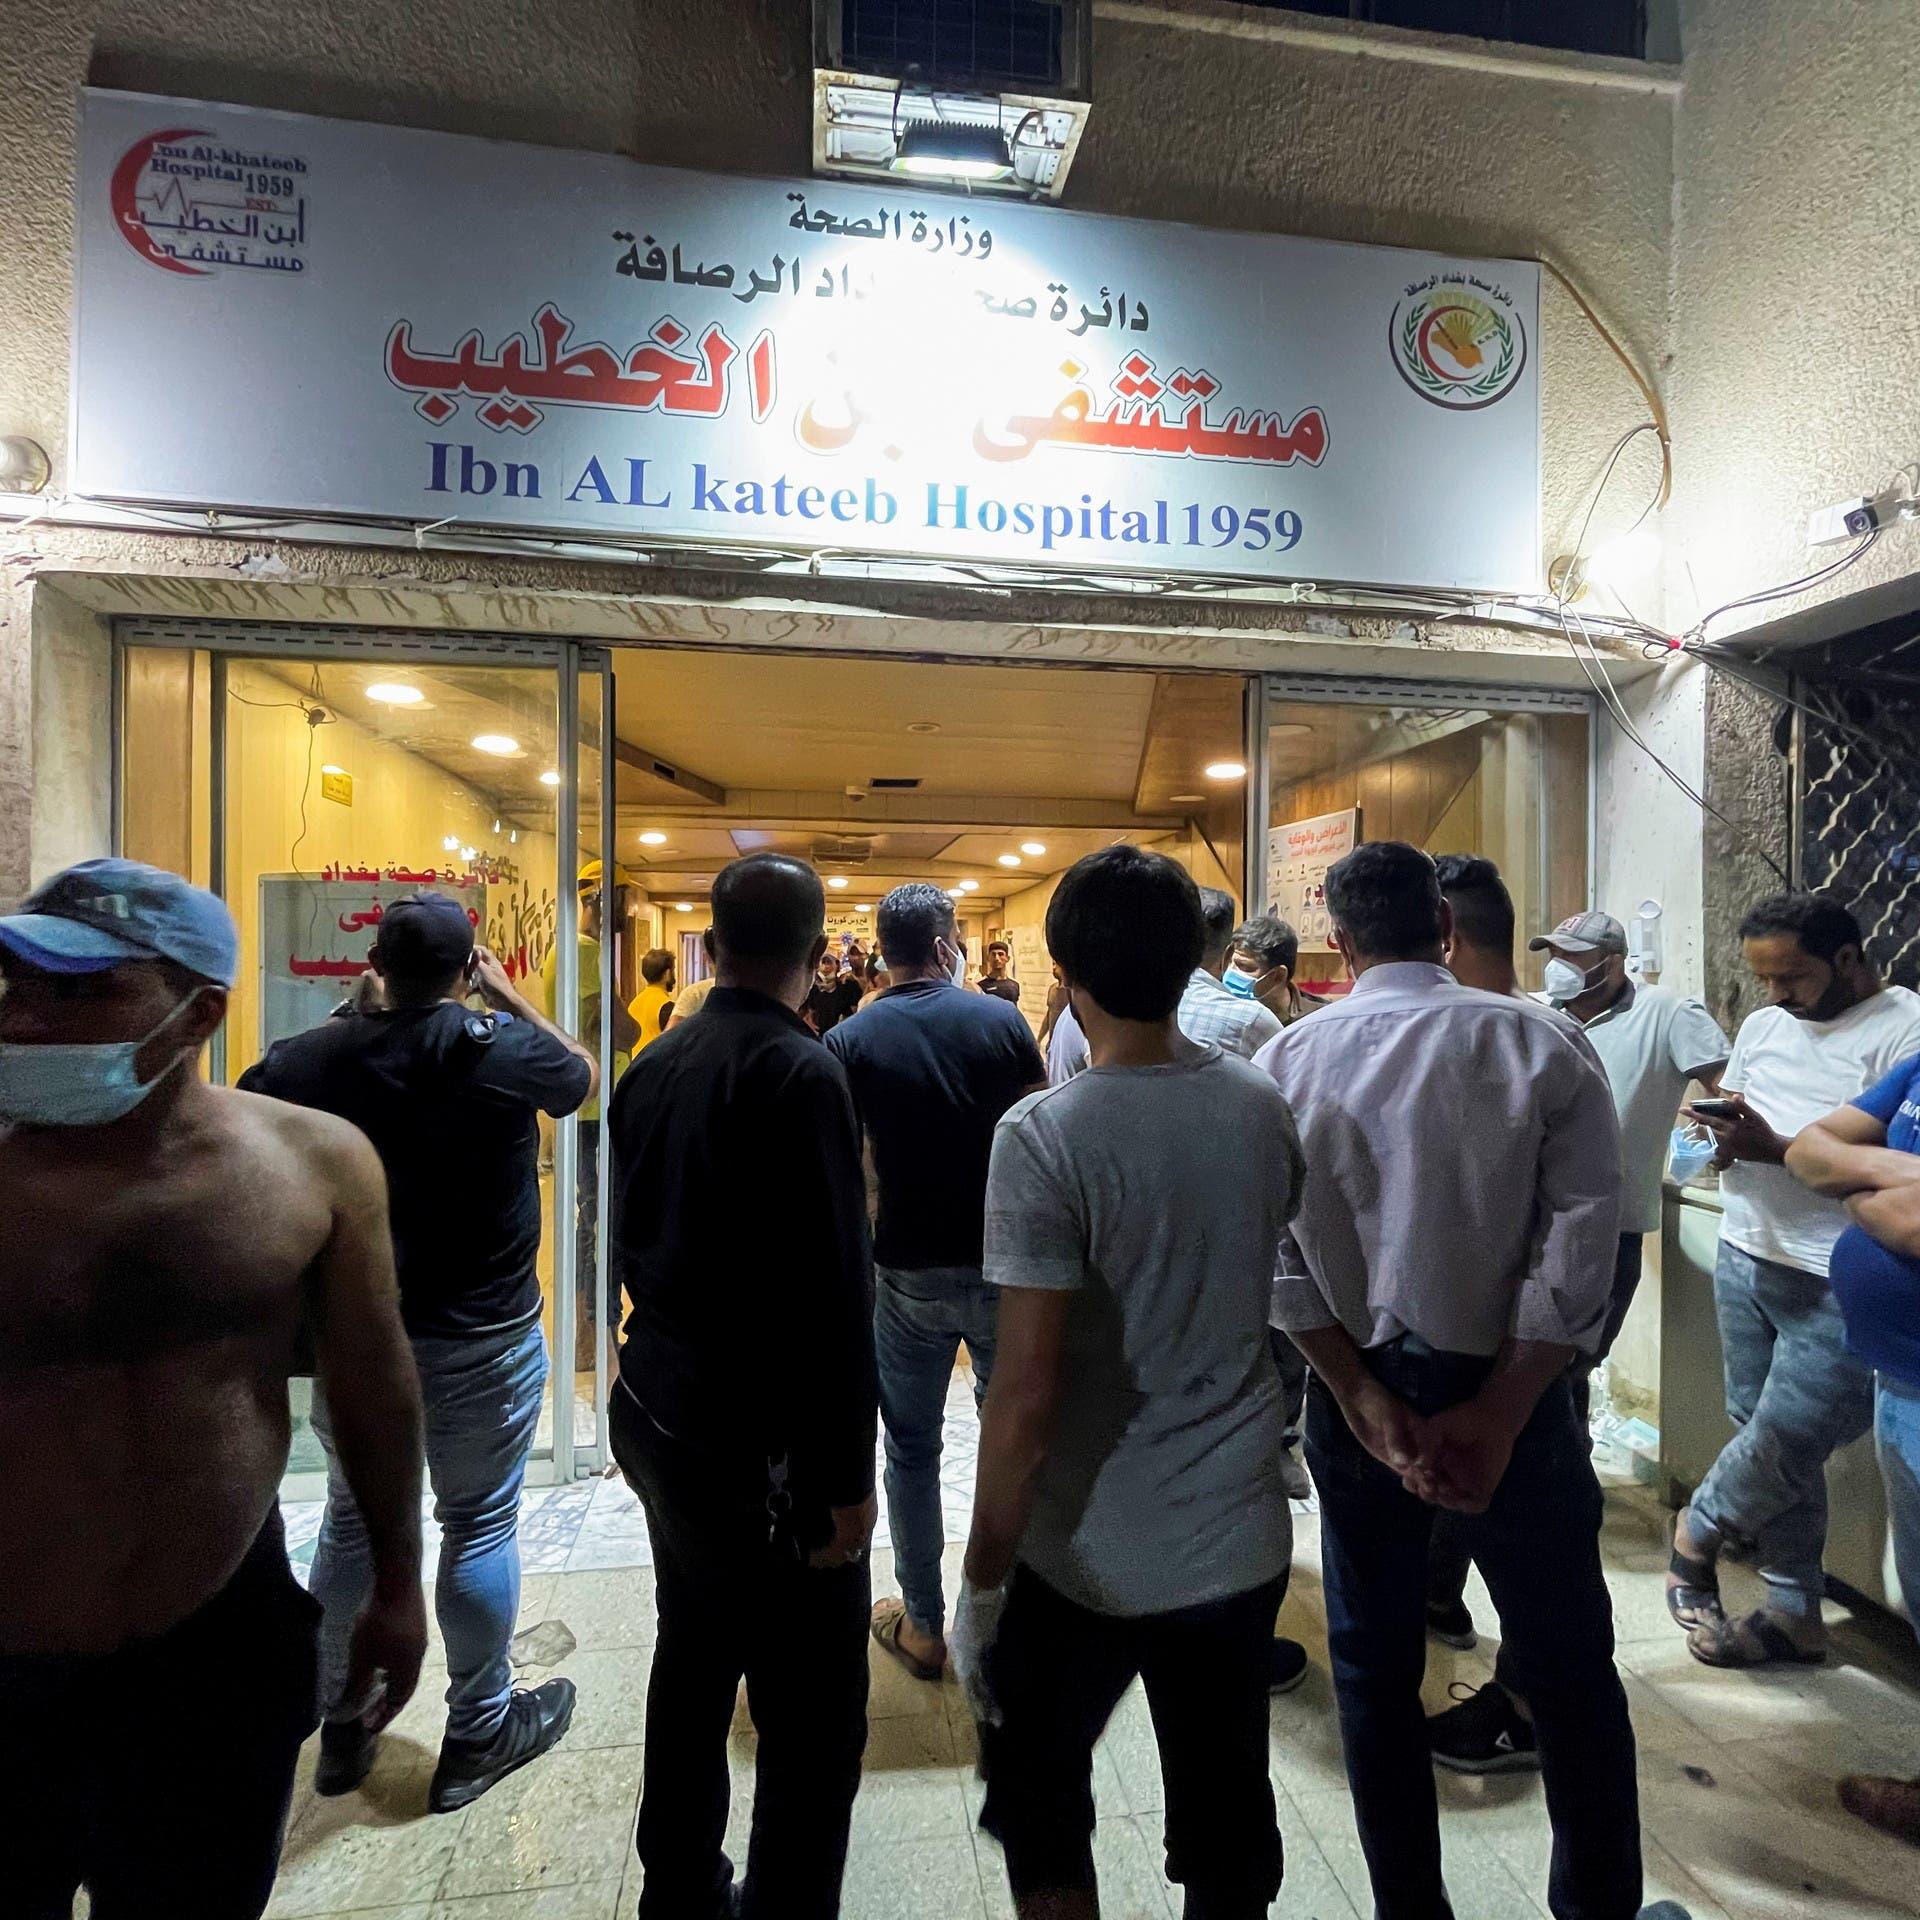 رئيس العراق تعليقاً على مجزرة المستشفى.. إنه الفساد